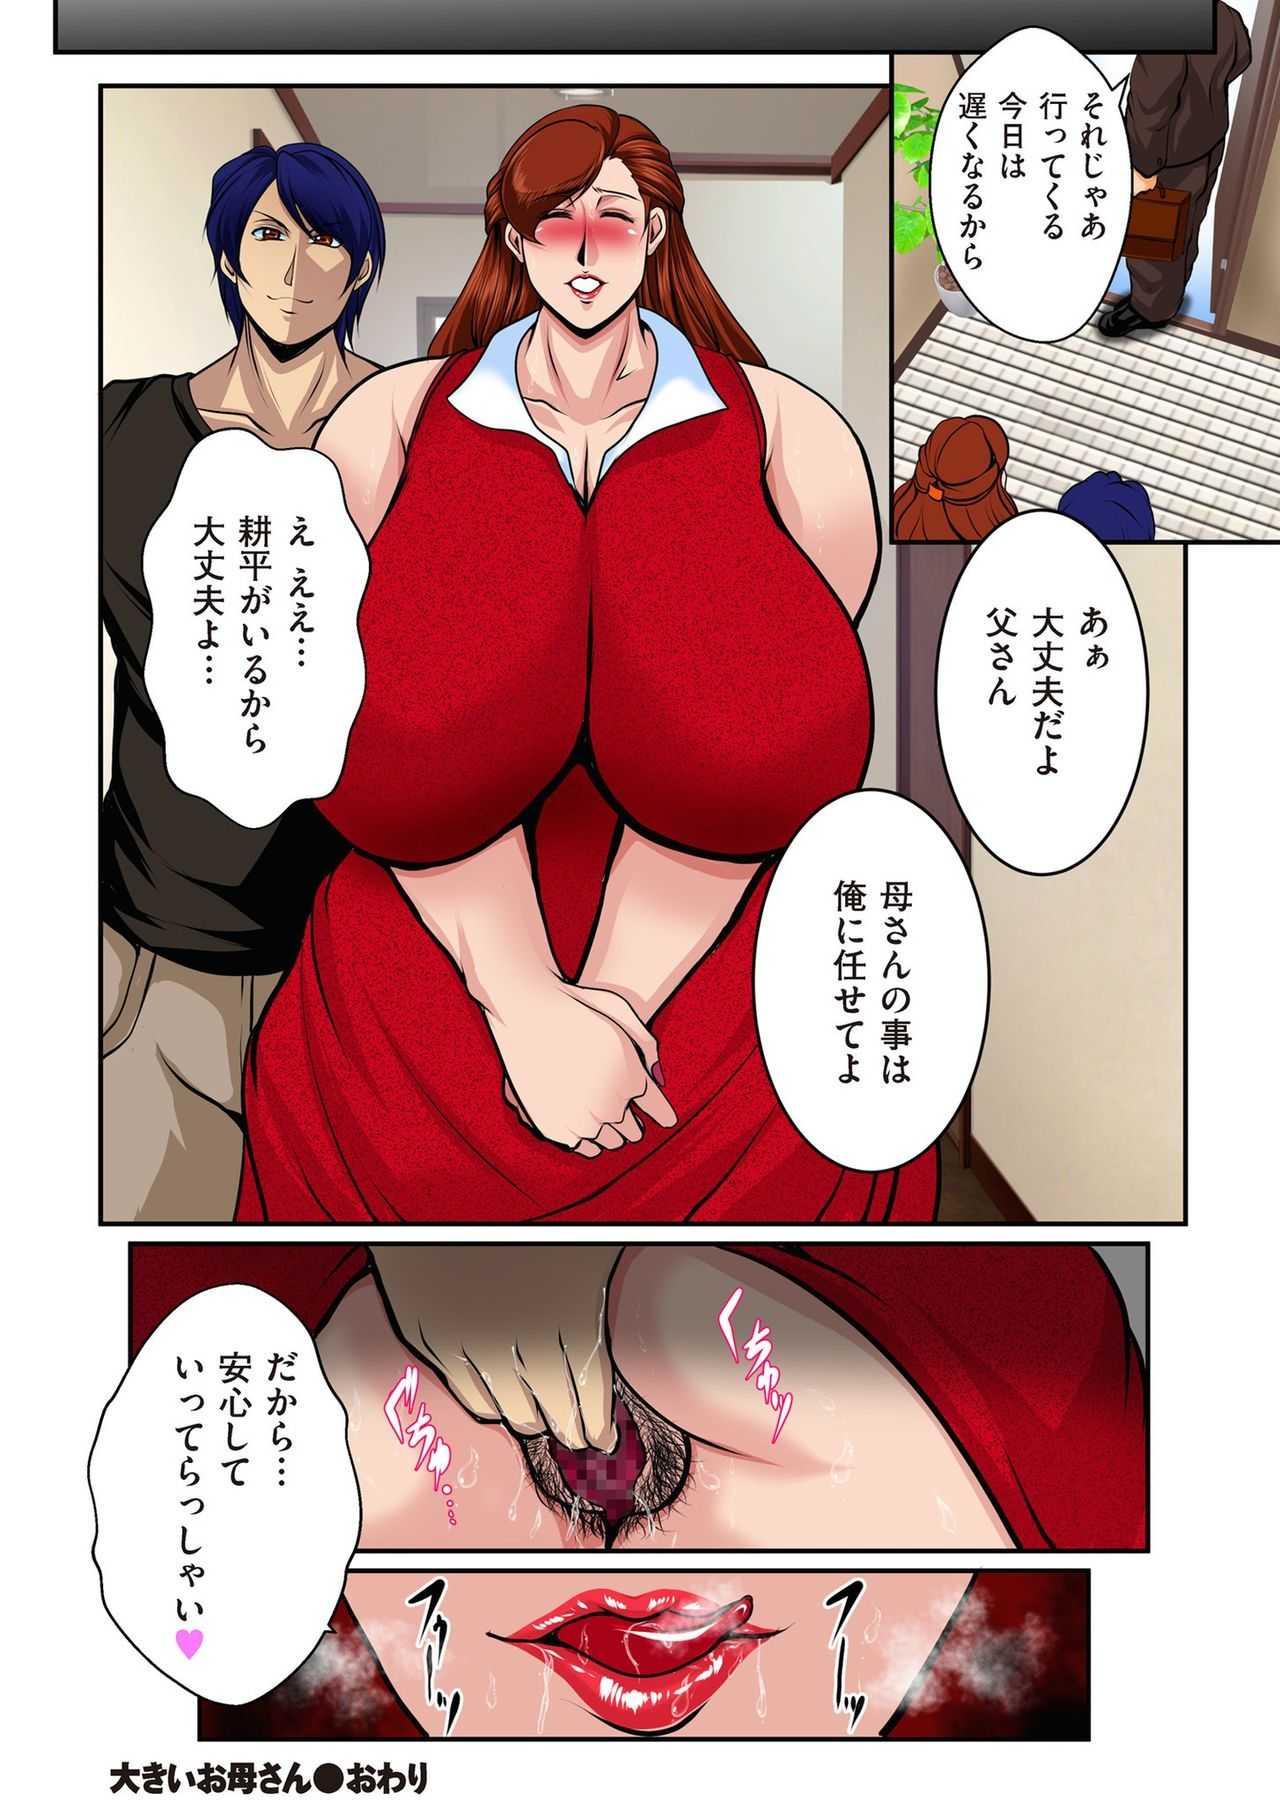 【エロ漫画】息子を起こすためにチンコをしゃぶって興奮する爆乳の母親…マンコを濡らしてチンコを欲しがり息子と一日中激しい中出しセックス【横山私刑:大きいお母さん】